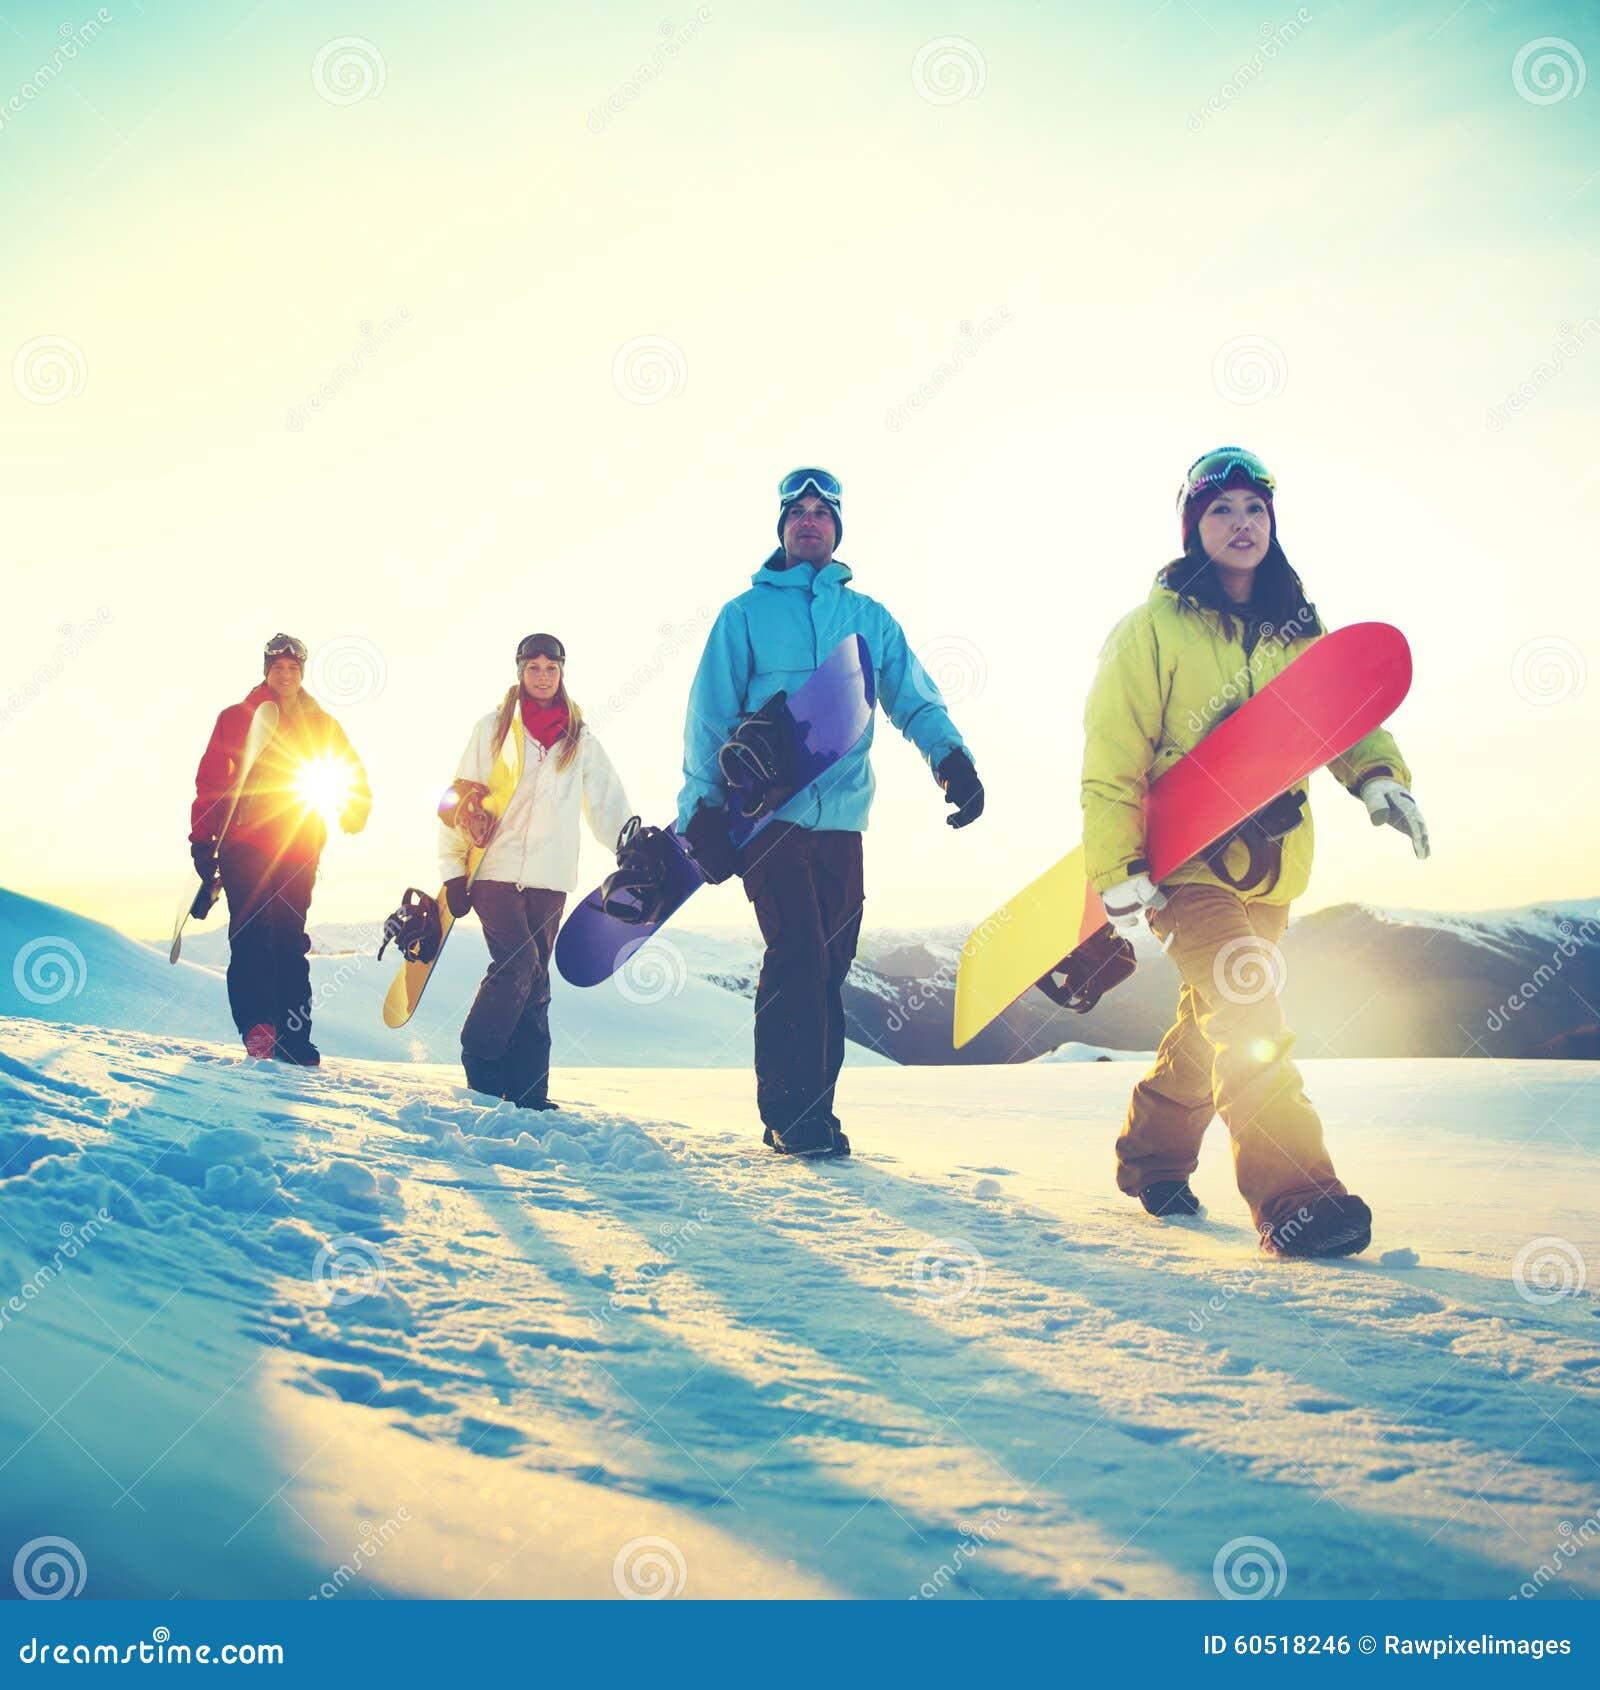 Έννοια φιλίας χειμερινού αθλητισμού σνόουμπορντ ανθρώπων